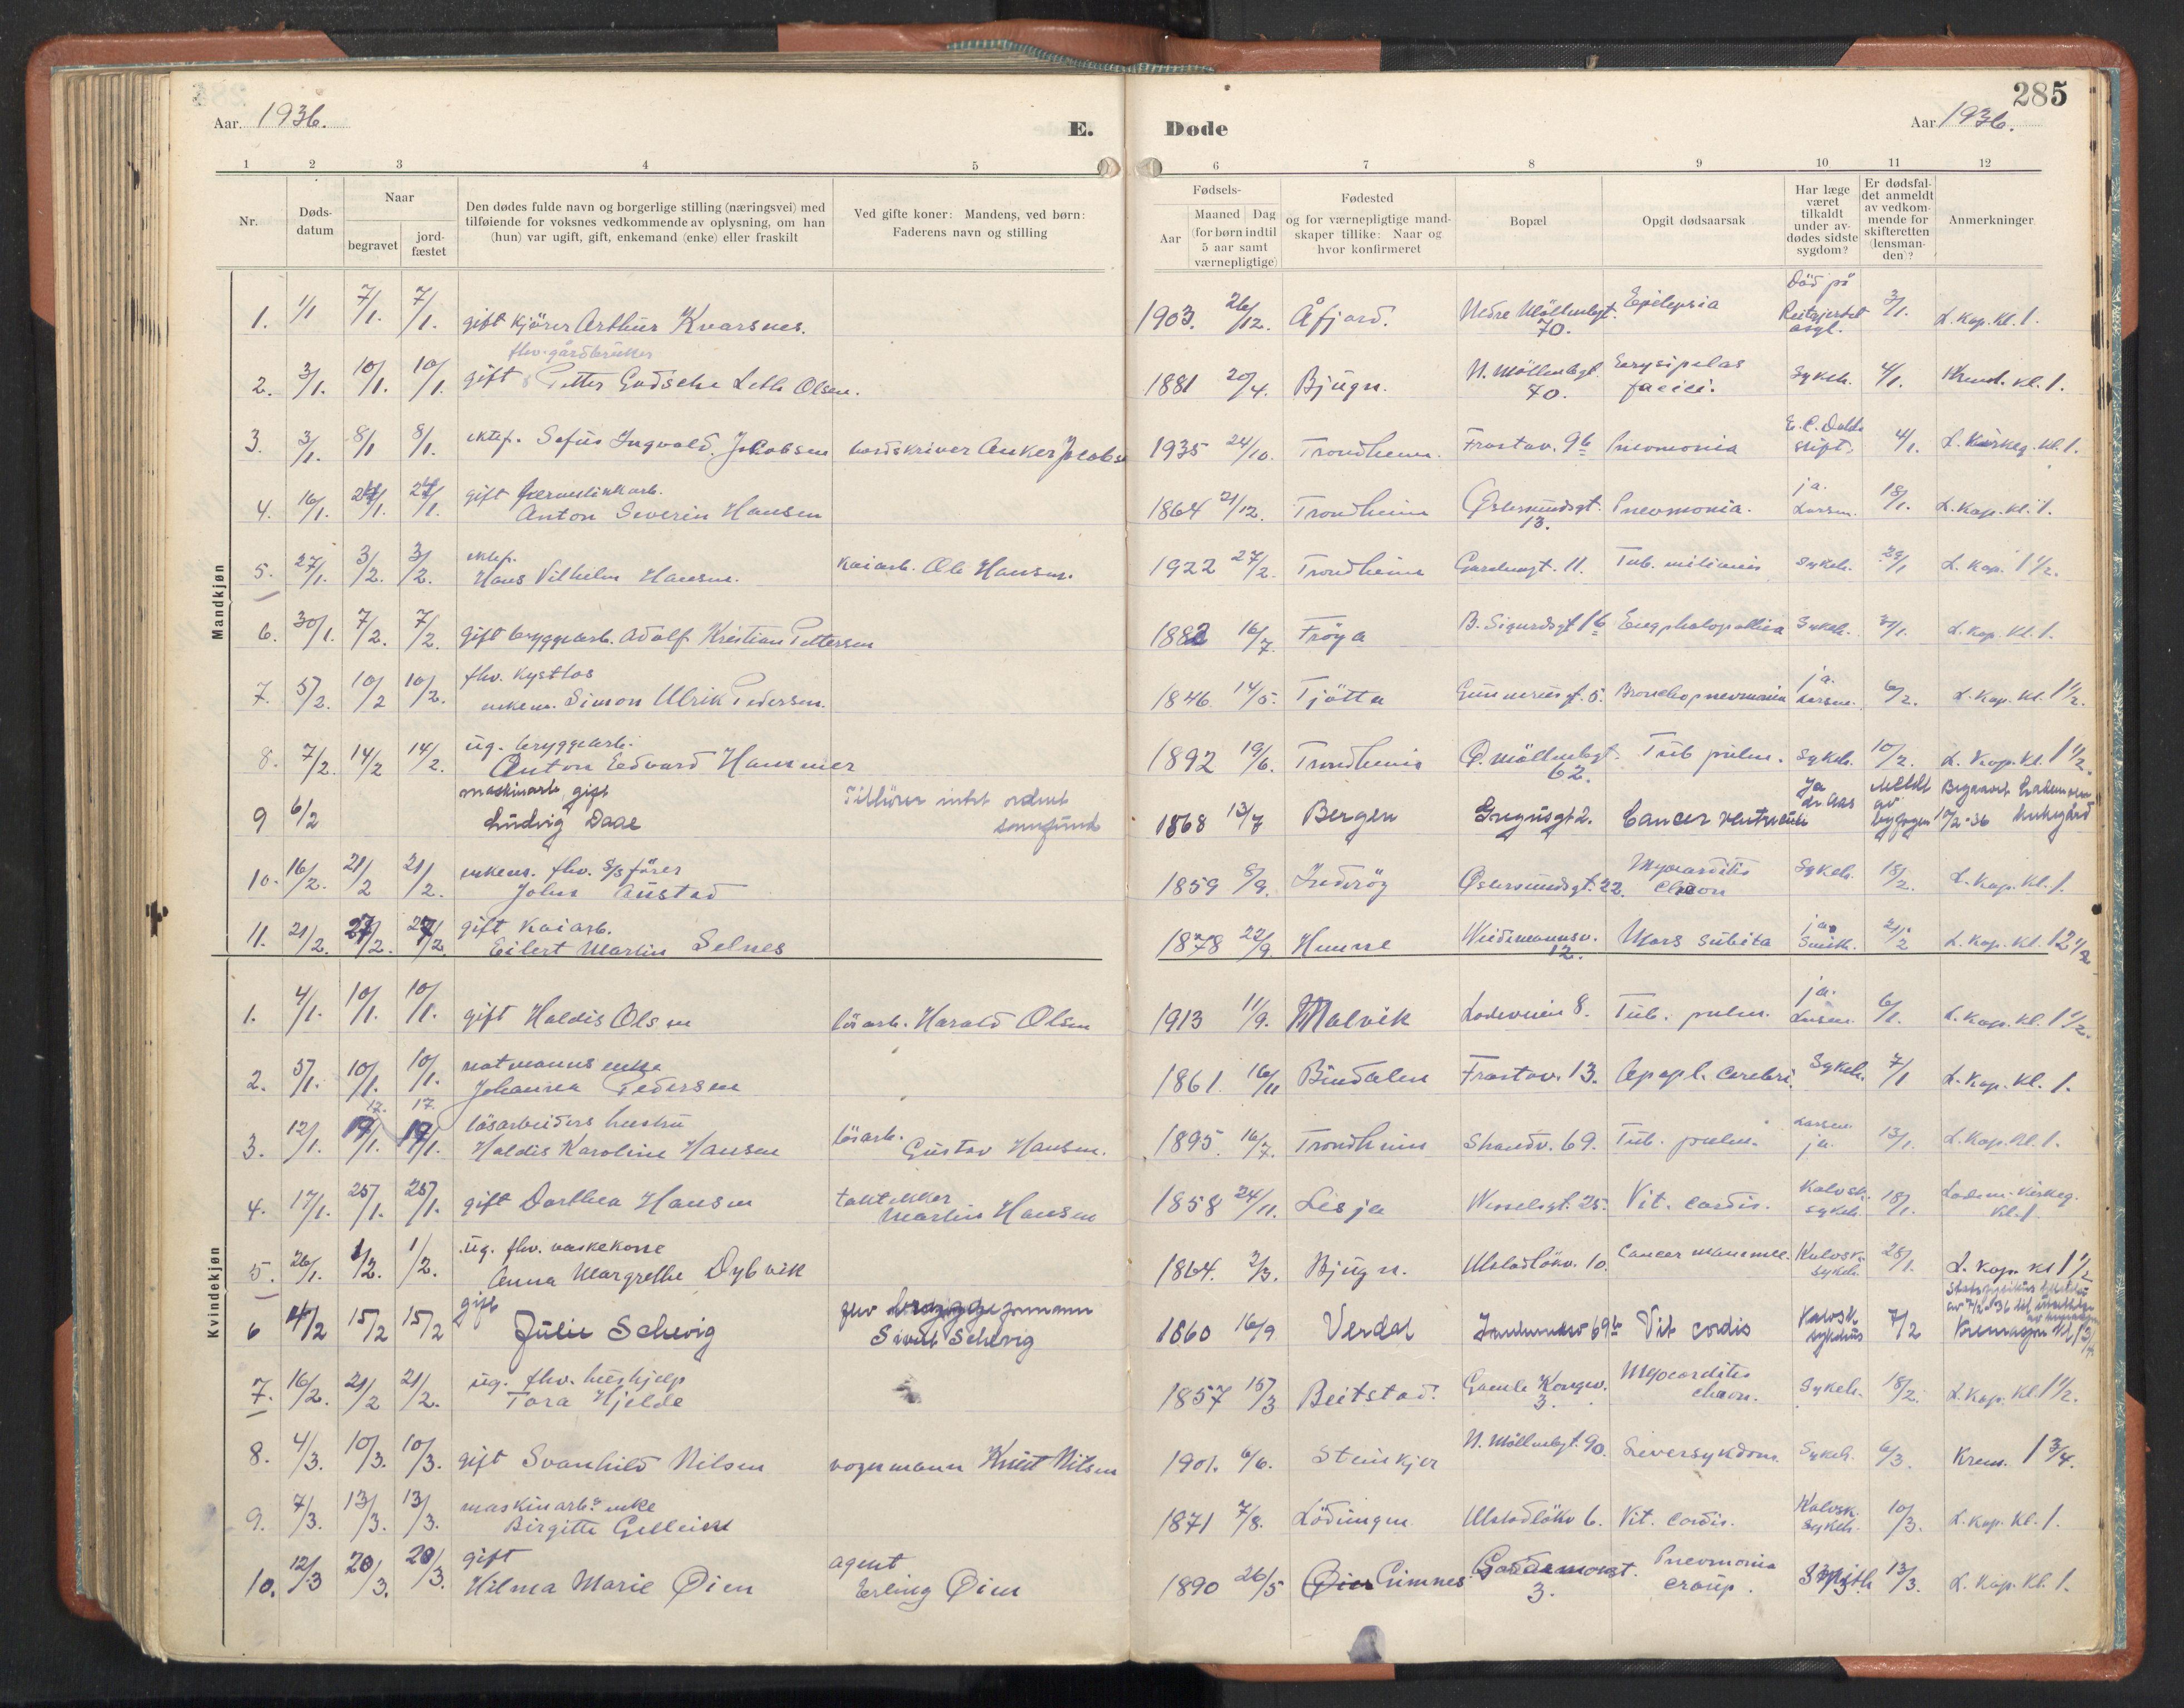 SAT, Ministerialprotokoller, klokkerbøker og fødselsregistre - Sør-Trøndelag, 605/L0245: Ministerialbok nr. 605A07, 1916-1938, s. 285